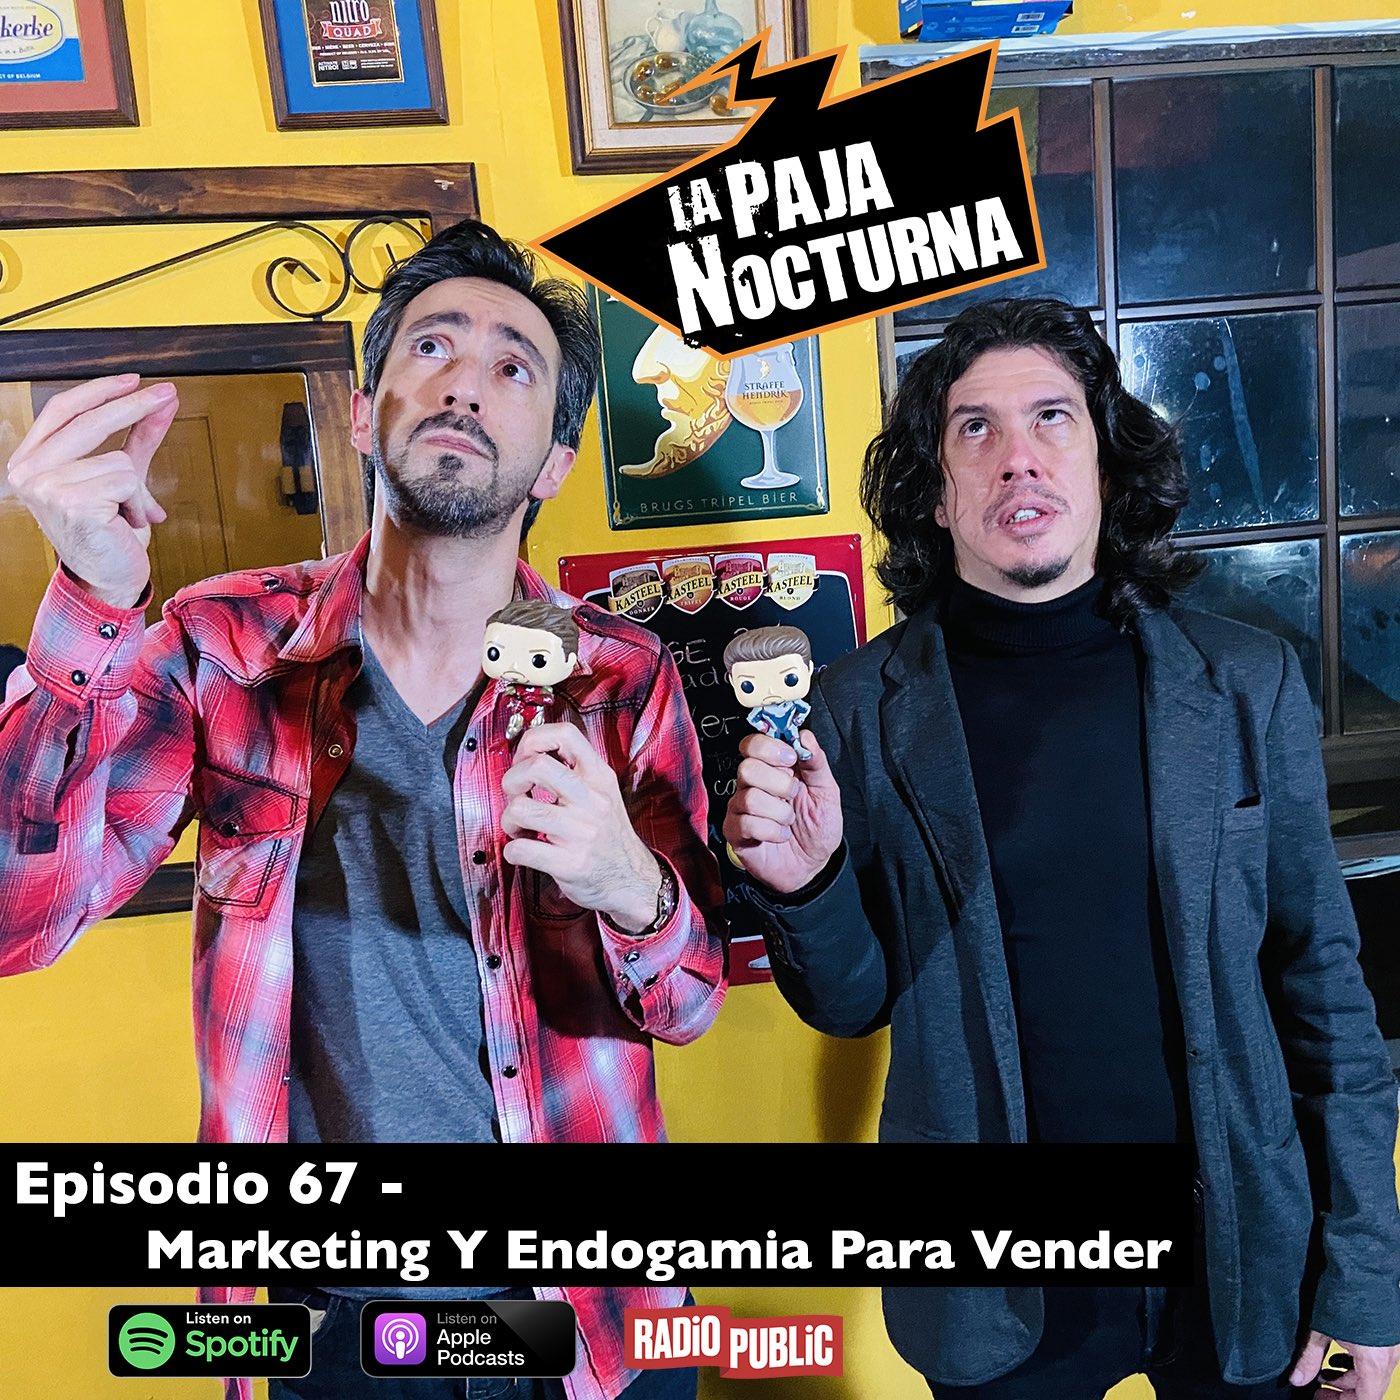 La paja nocturna podcast Episodio 67